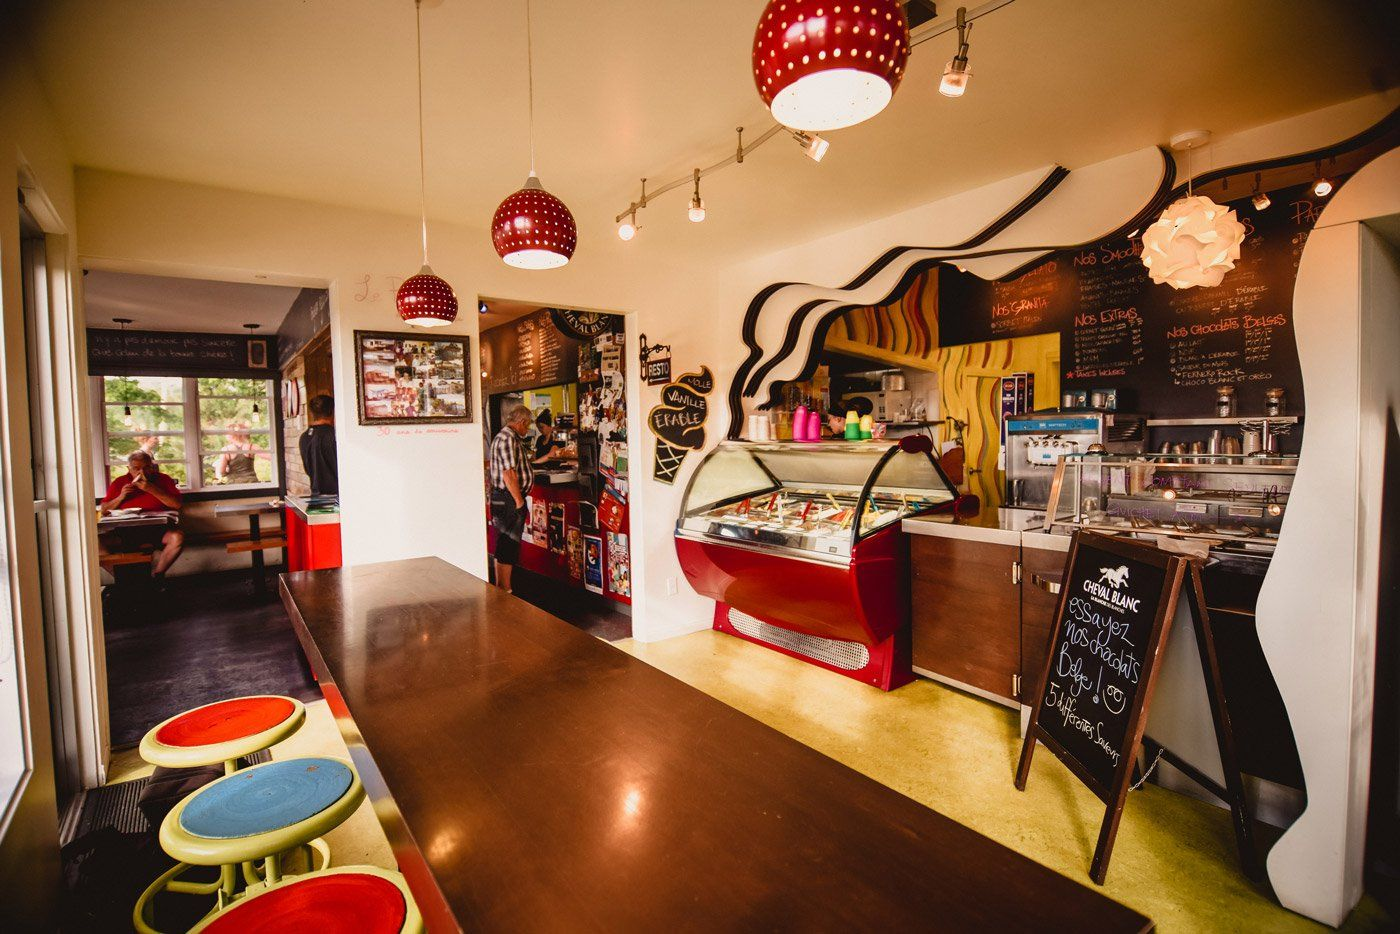 https://lepouce.ca/wp-content/uploads/2018/02/restaurant-le-pouce-interieur-bar-laitier.jpg